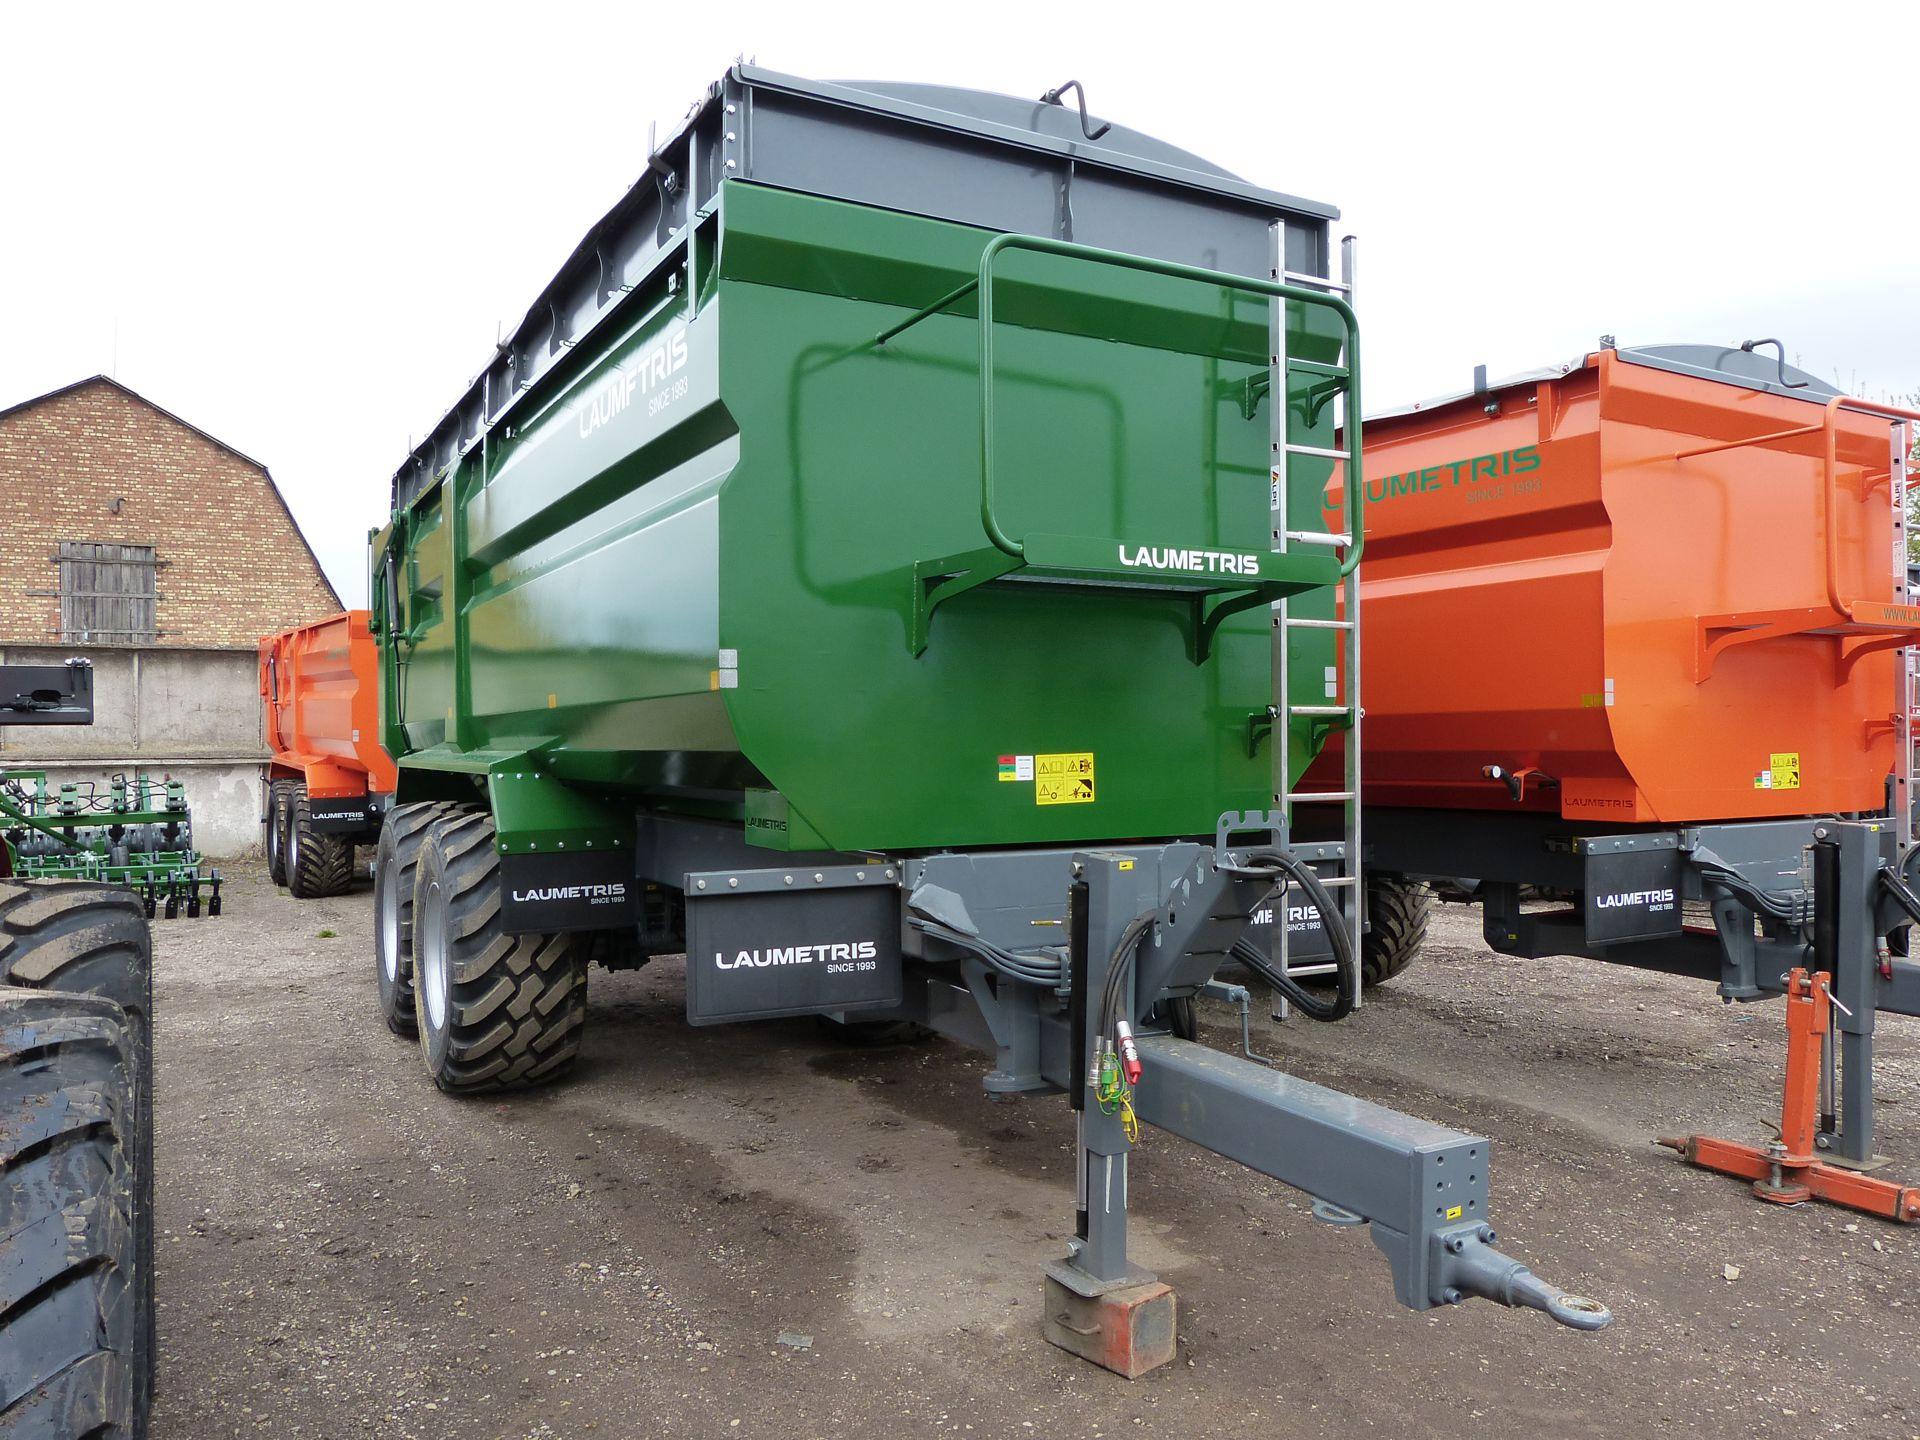 Traktorvagnar Traktorkärror PTL-20F, Laumetris